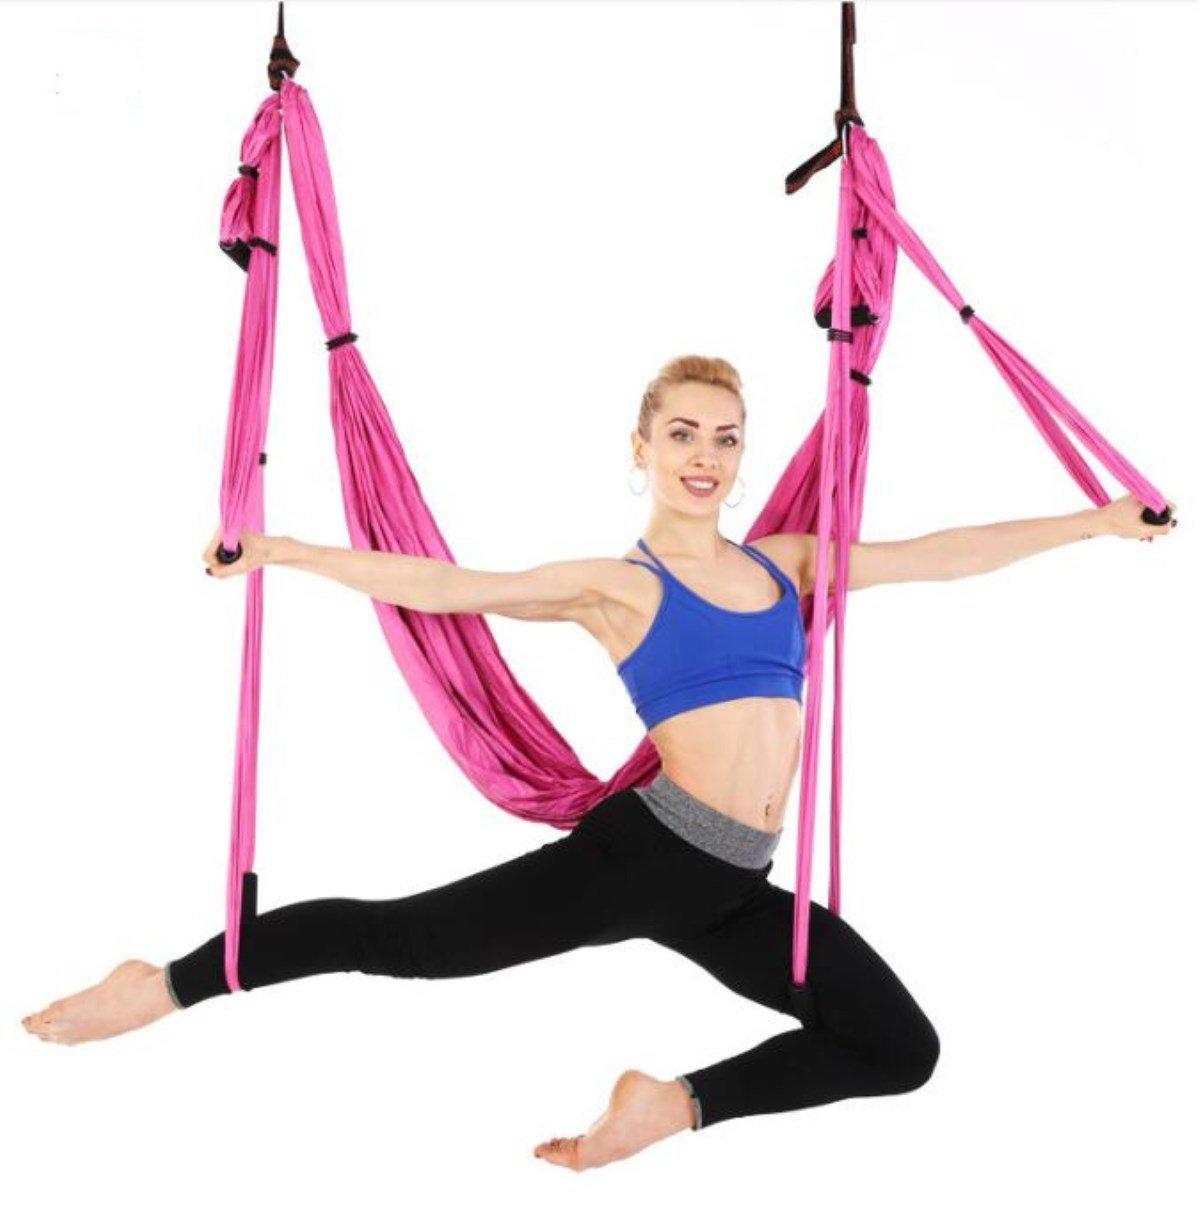 Chaiyan Air Yoga Hängematte 6 Griff Familie Umgekehrt Fitness Hängematte Ohne Stretch Starke Yoga Hängematte (Farb-Multiple-Choice)